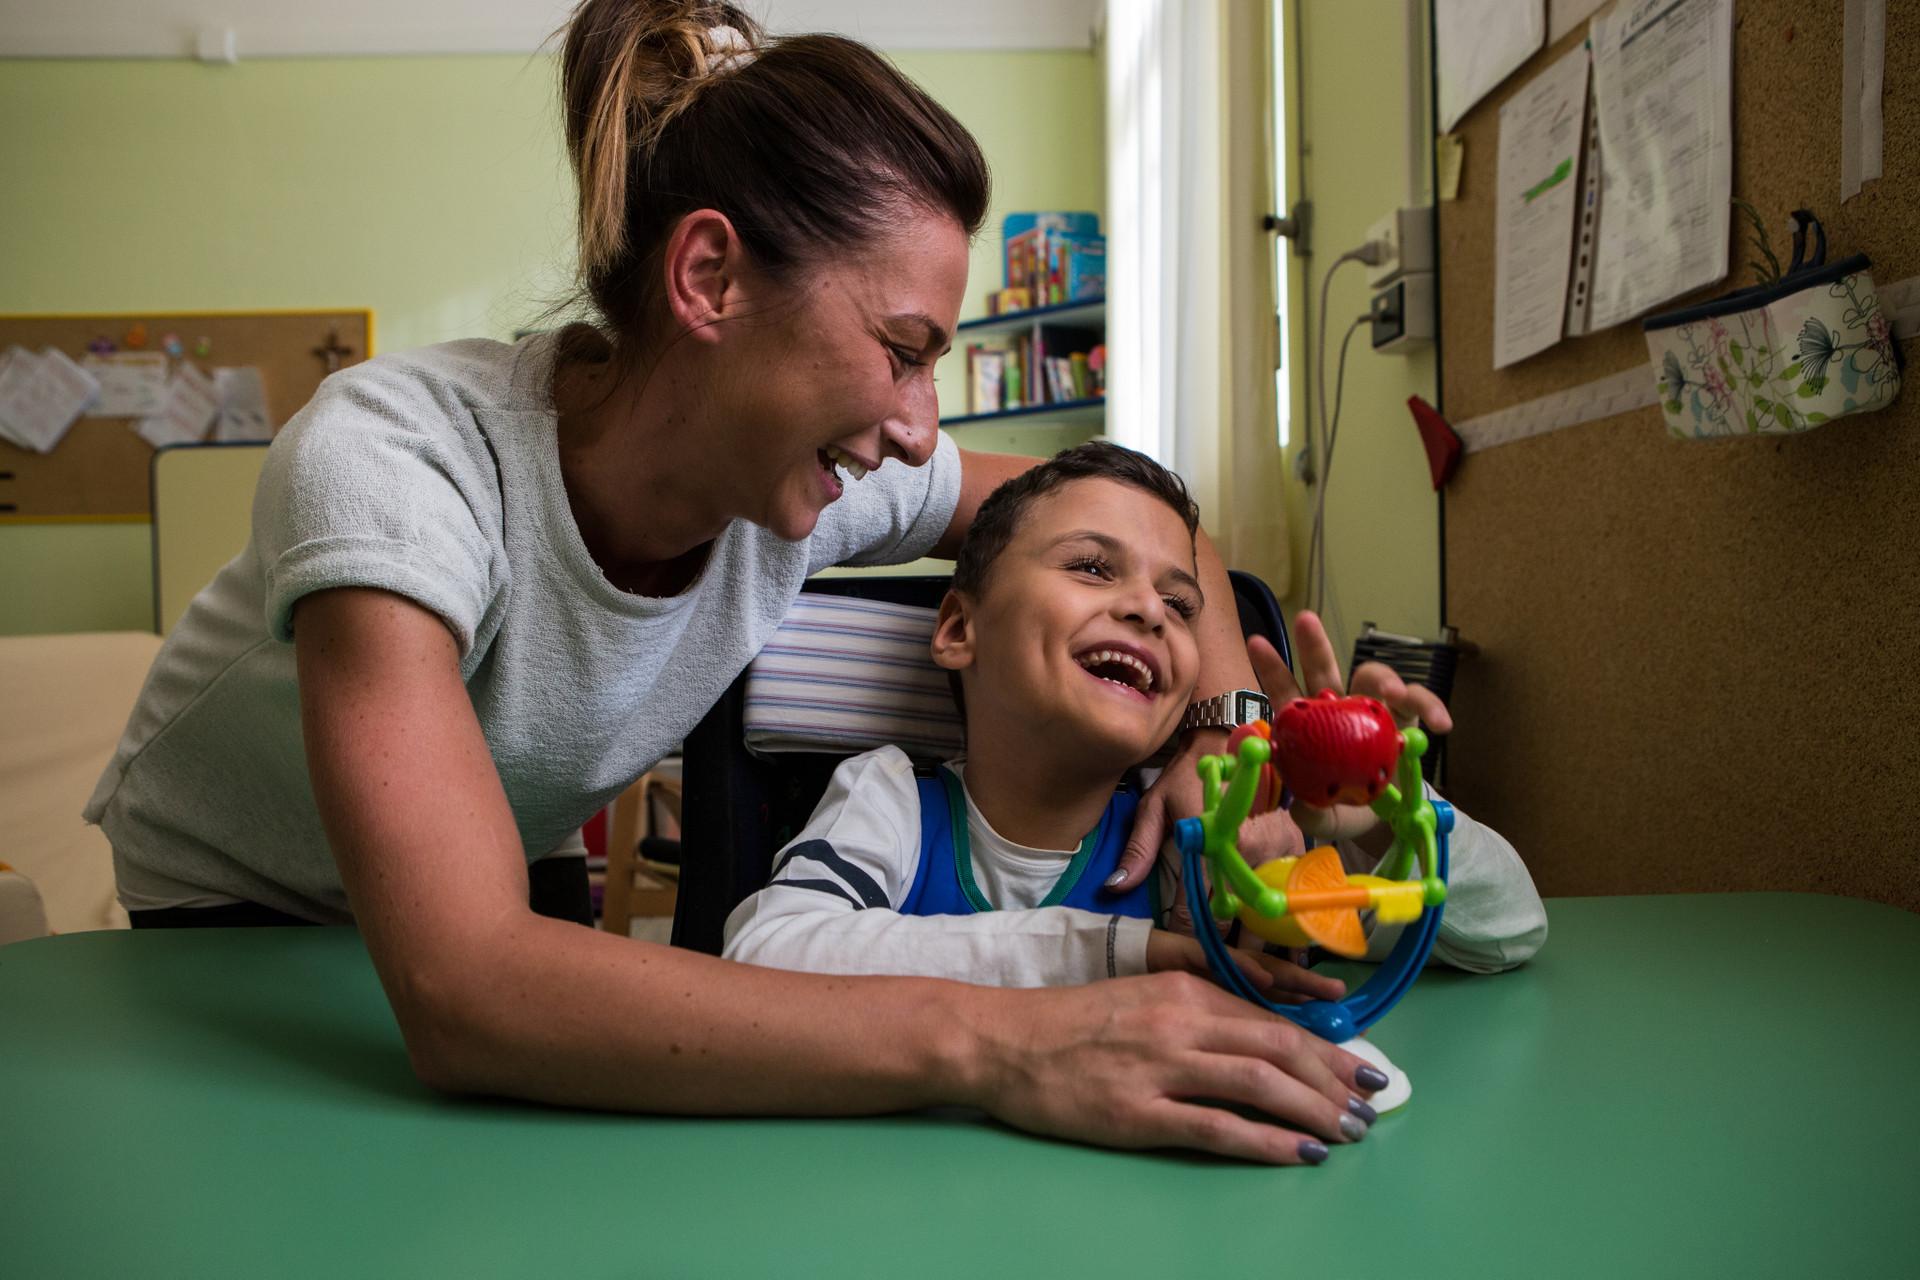 Francesco, un bambino ospite della Lega del Filo d'Oro, gioca con un giocattolo. Un'operatrice lo abbraccia e ride insieme a lui.